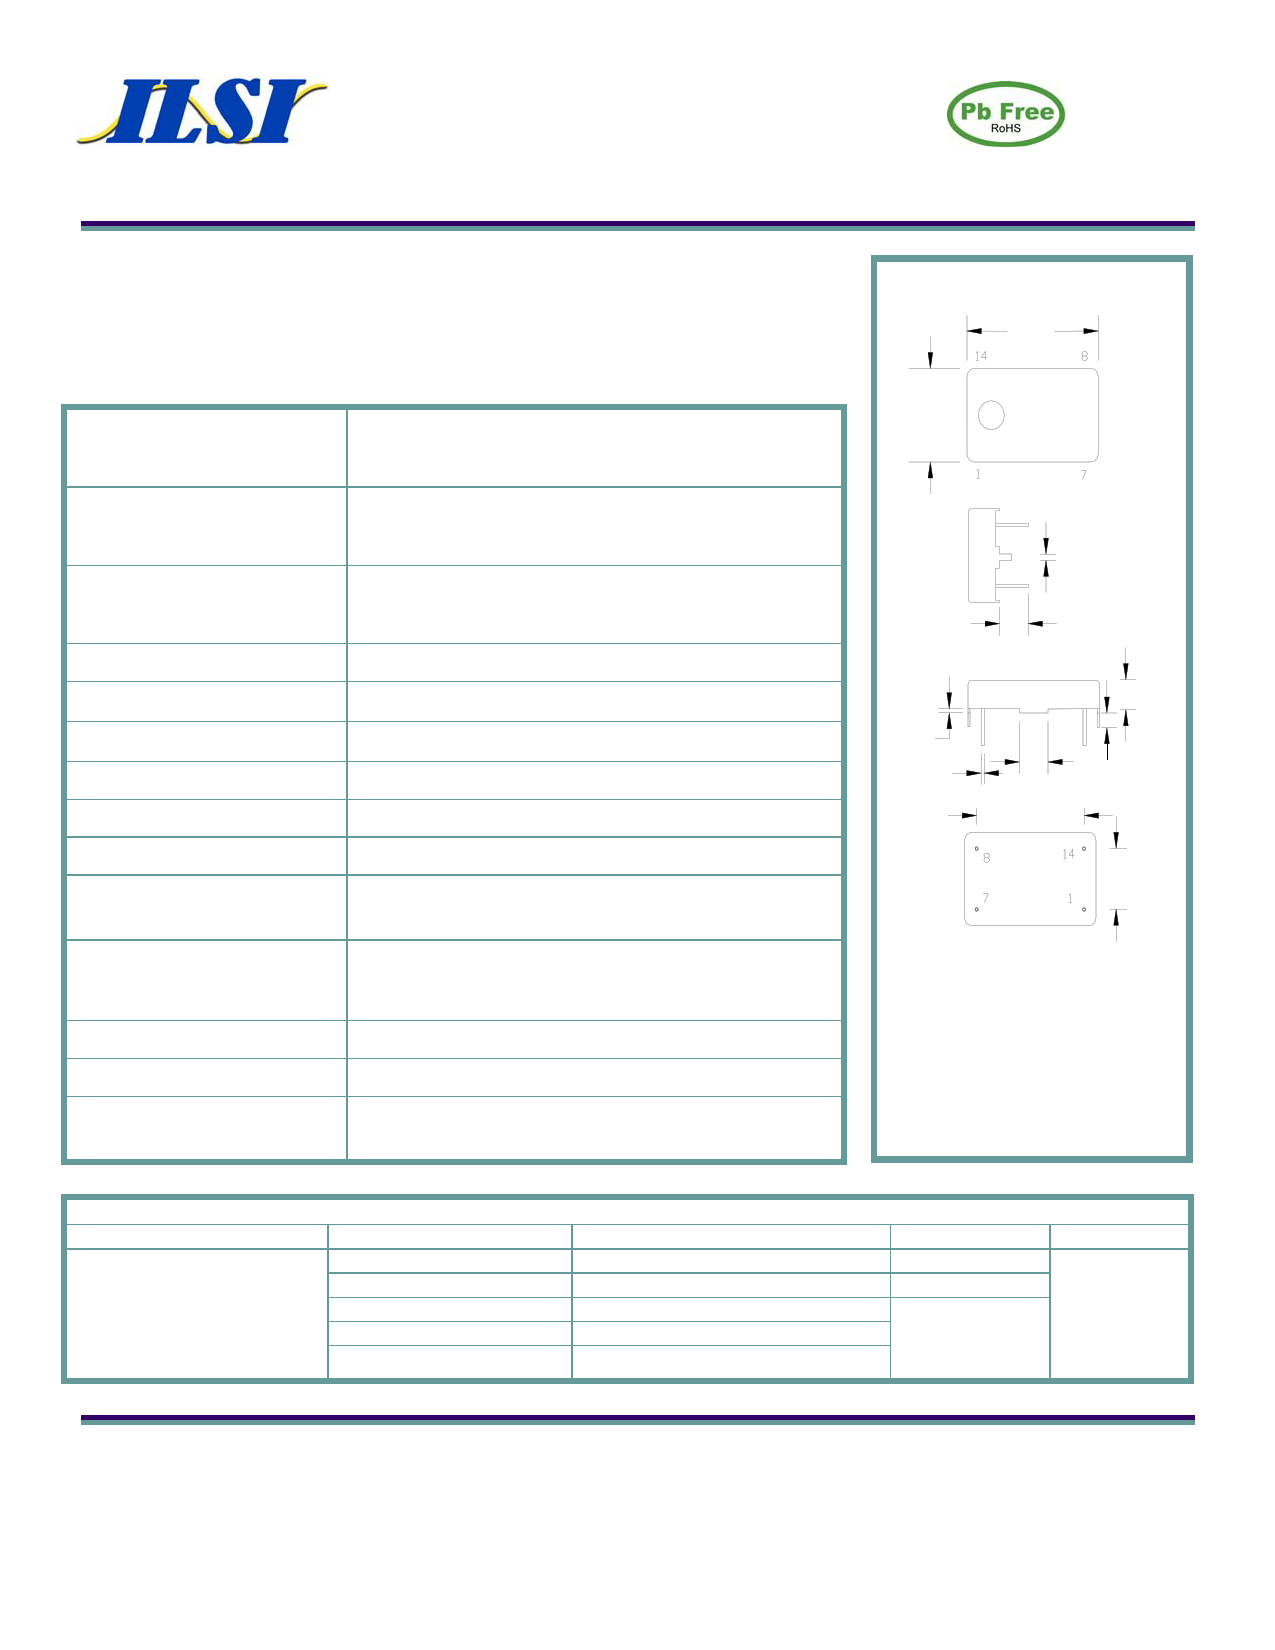 I322 datasheet